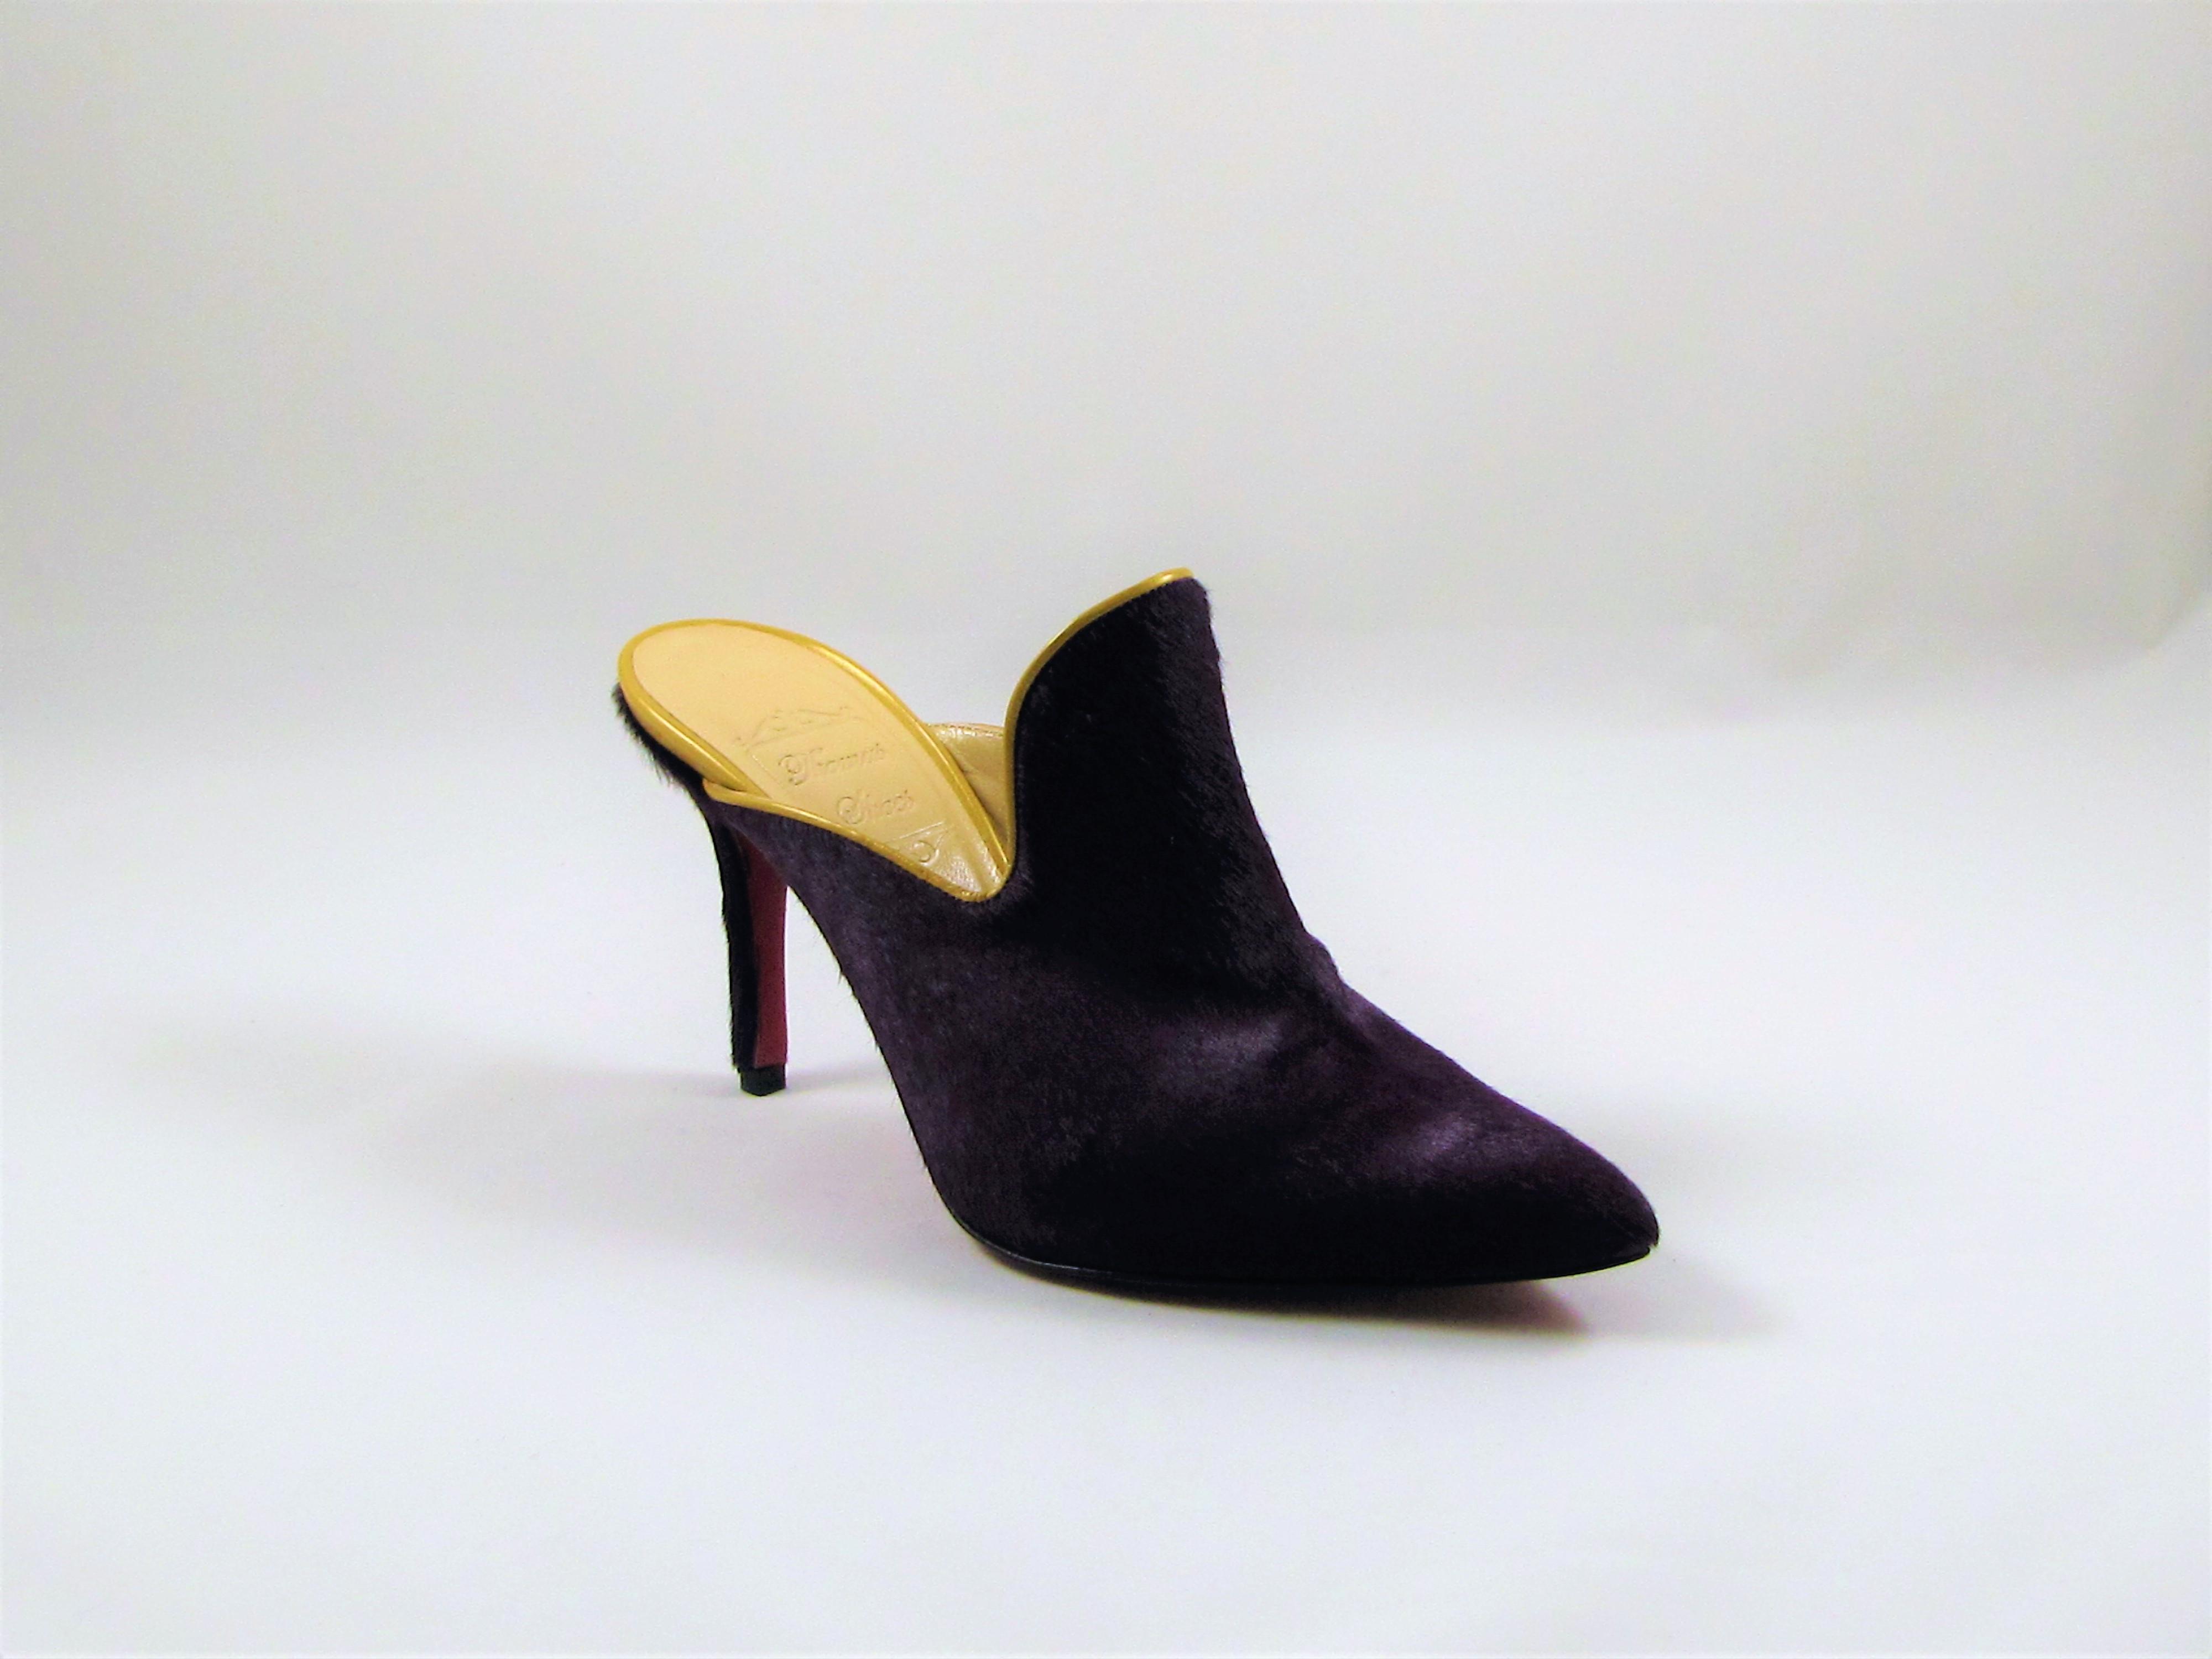 Γυναικείο παπούτσι 19292 babf926b686